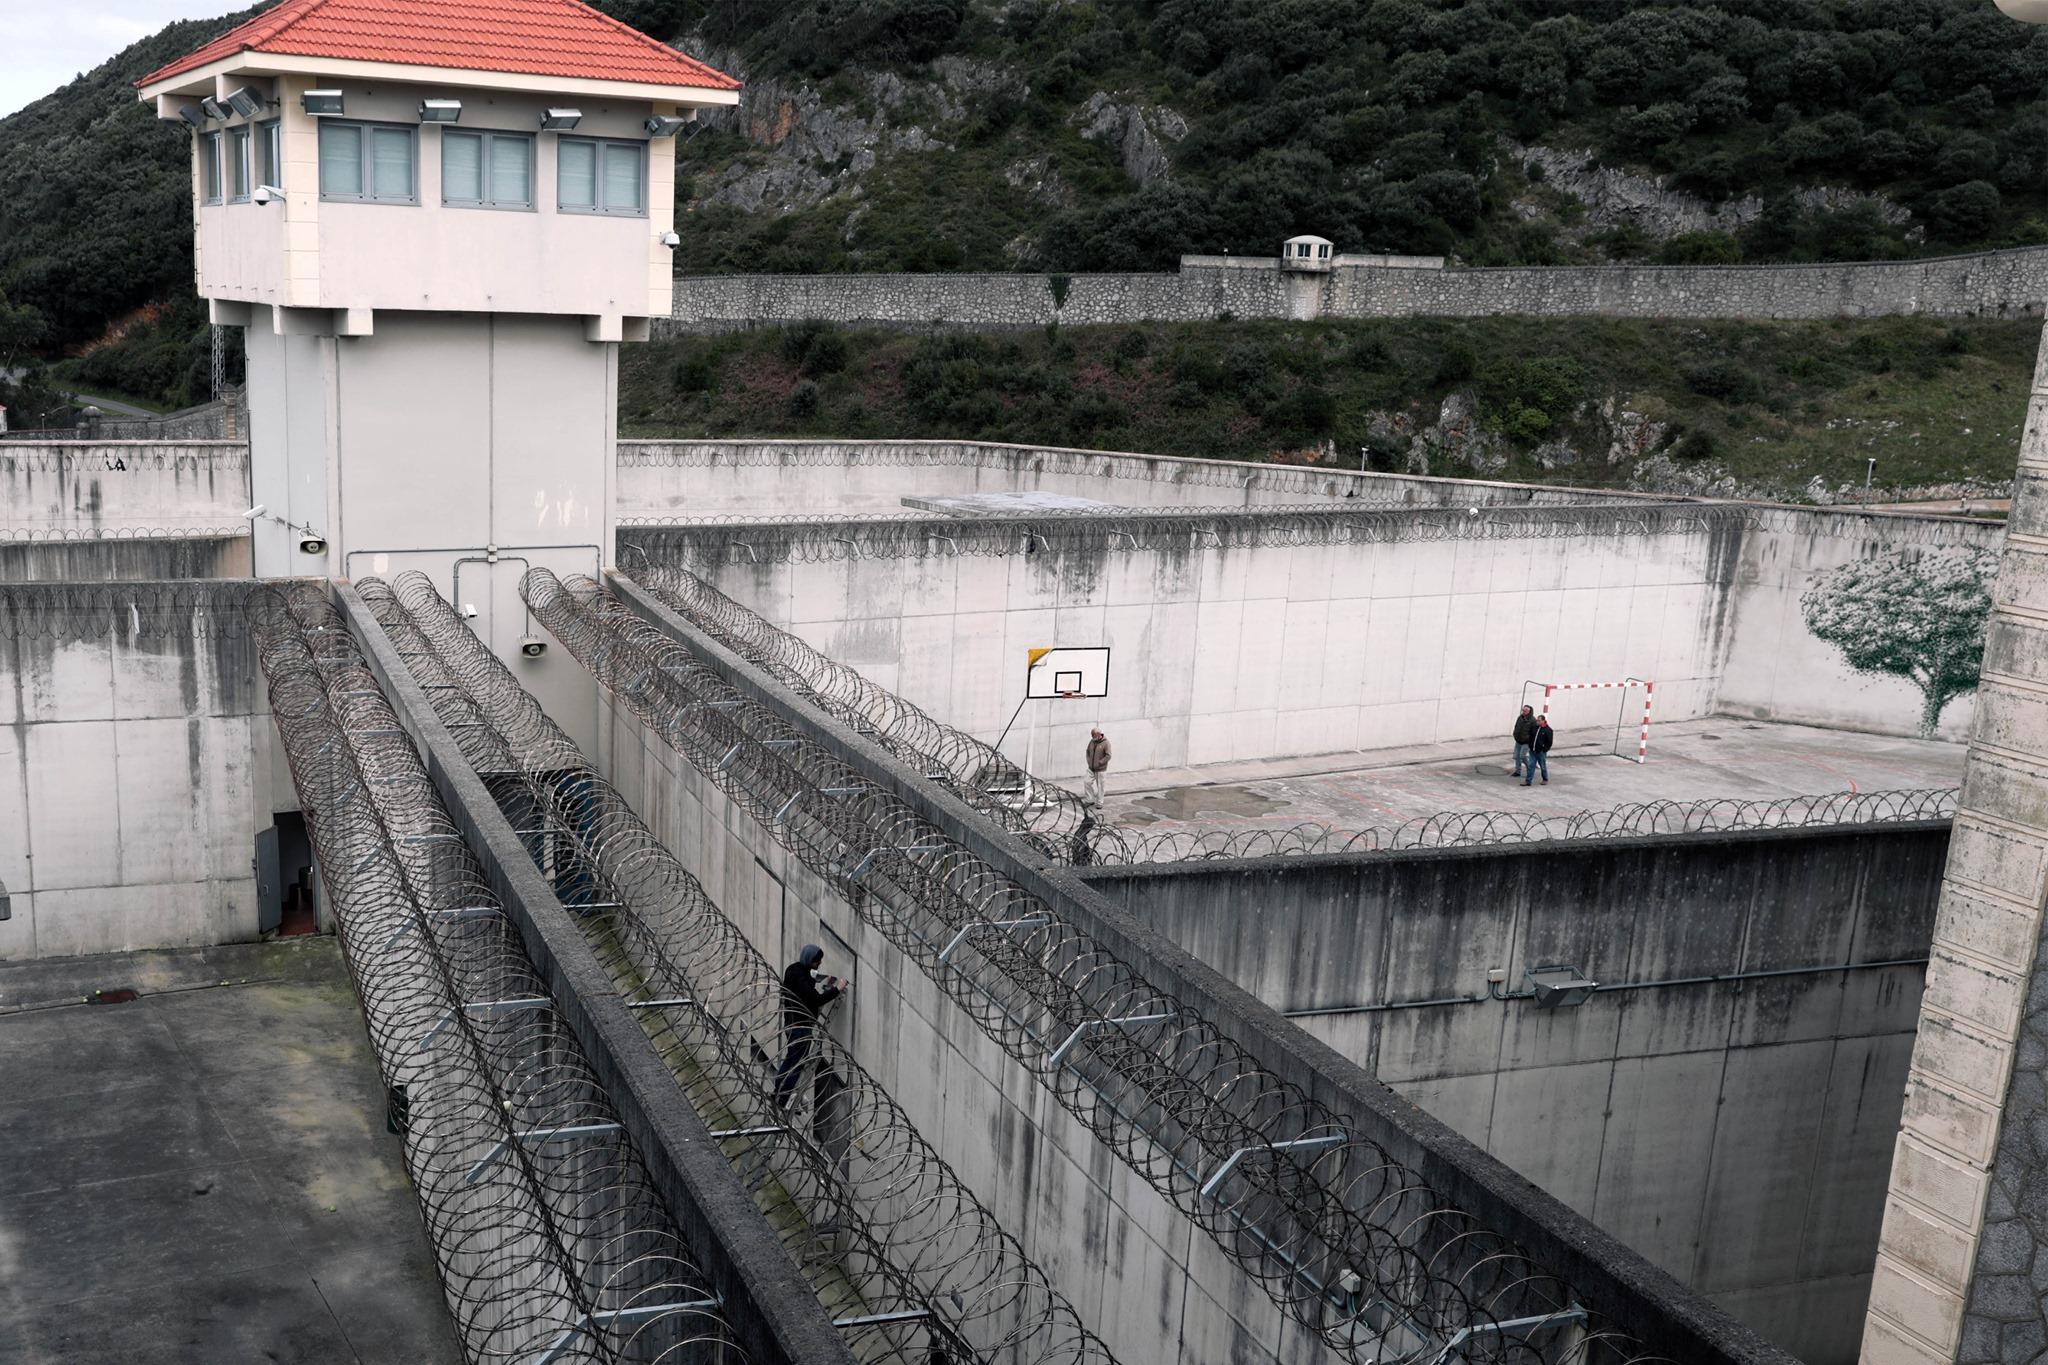 Centro Penitenciario de El Dueso artista Pejac